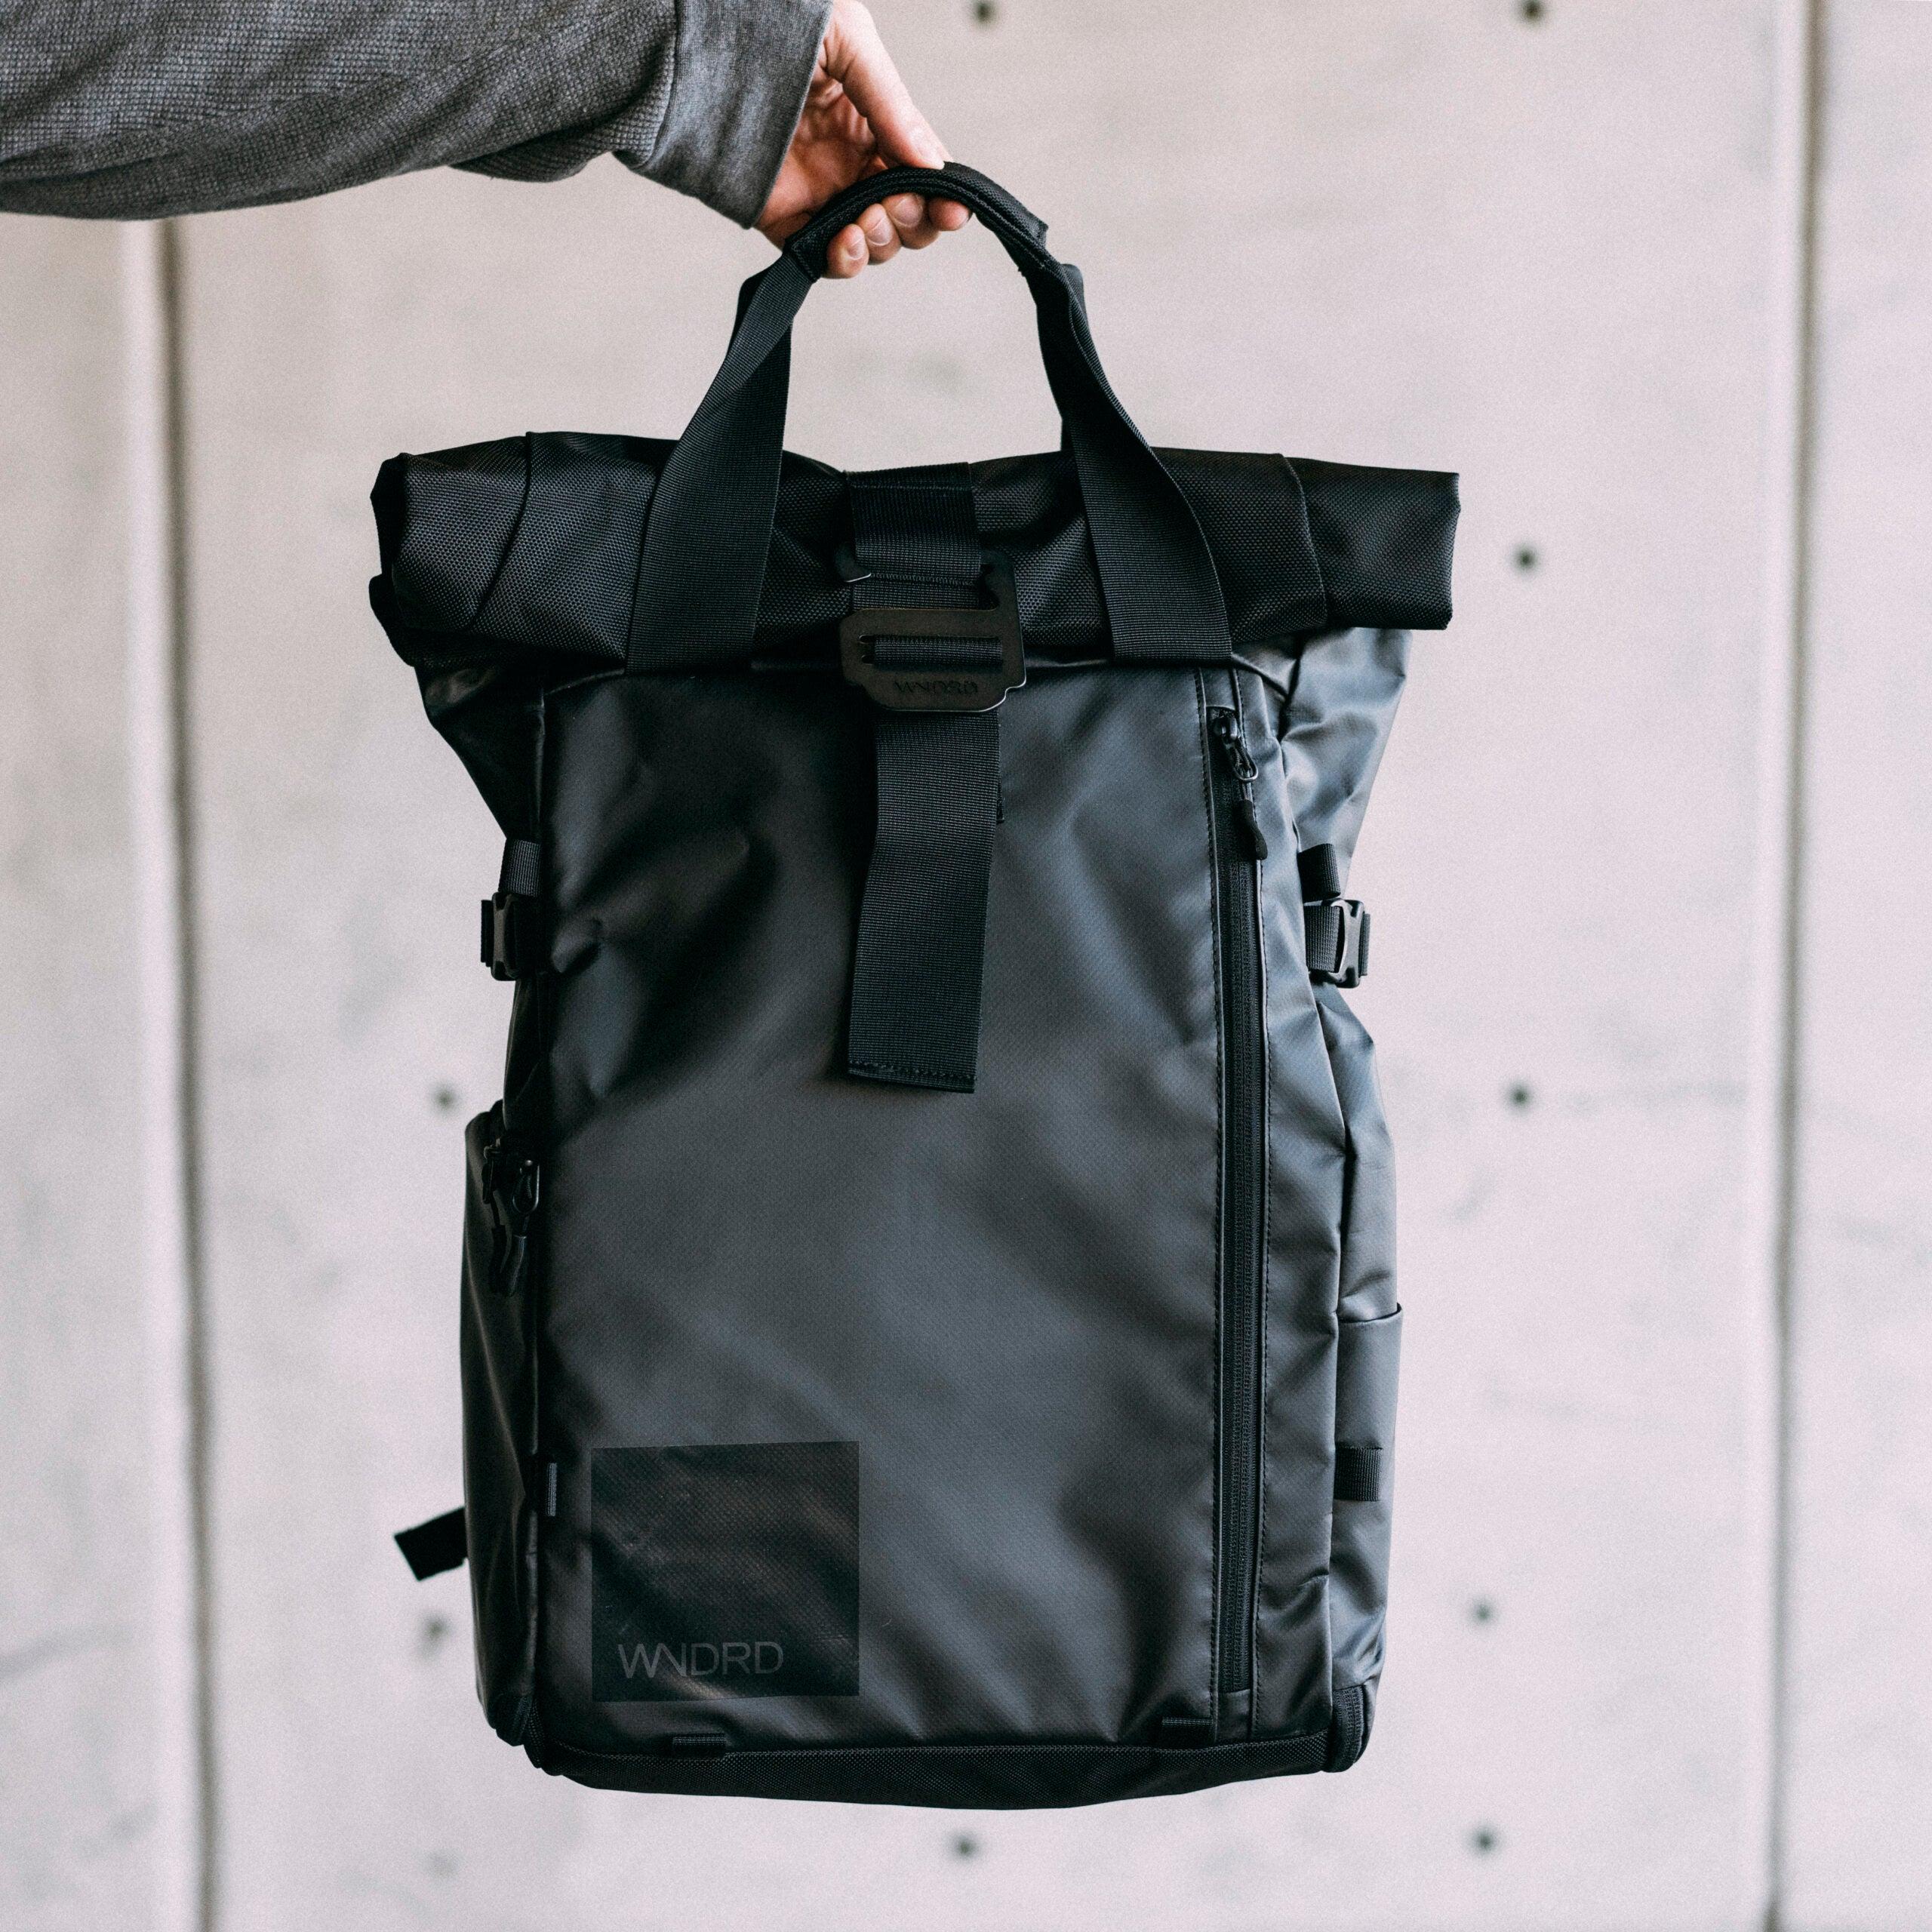 The WANRD PRVKE Camera Bag